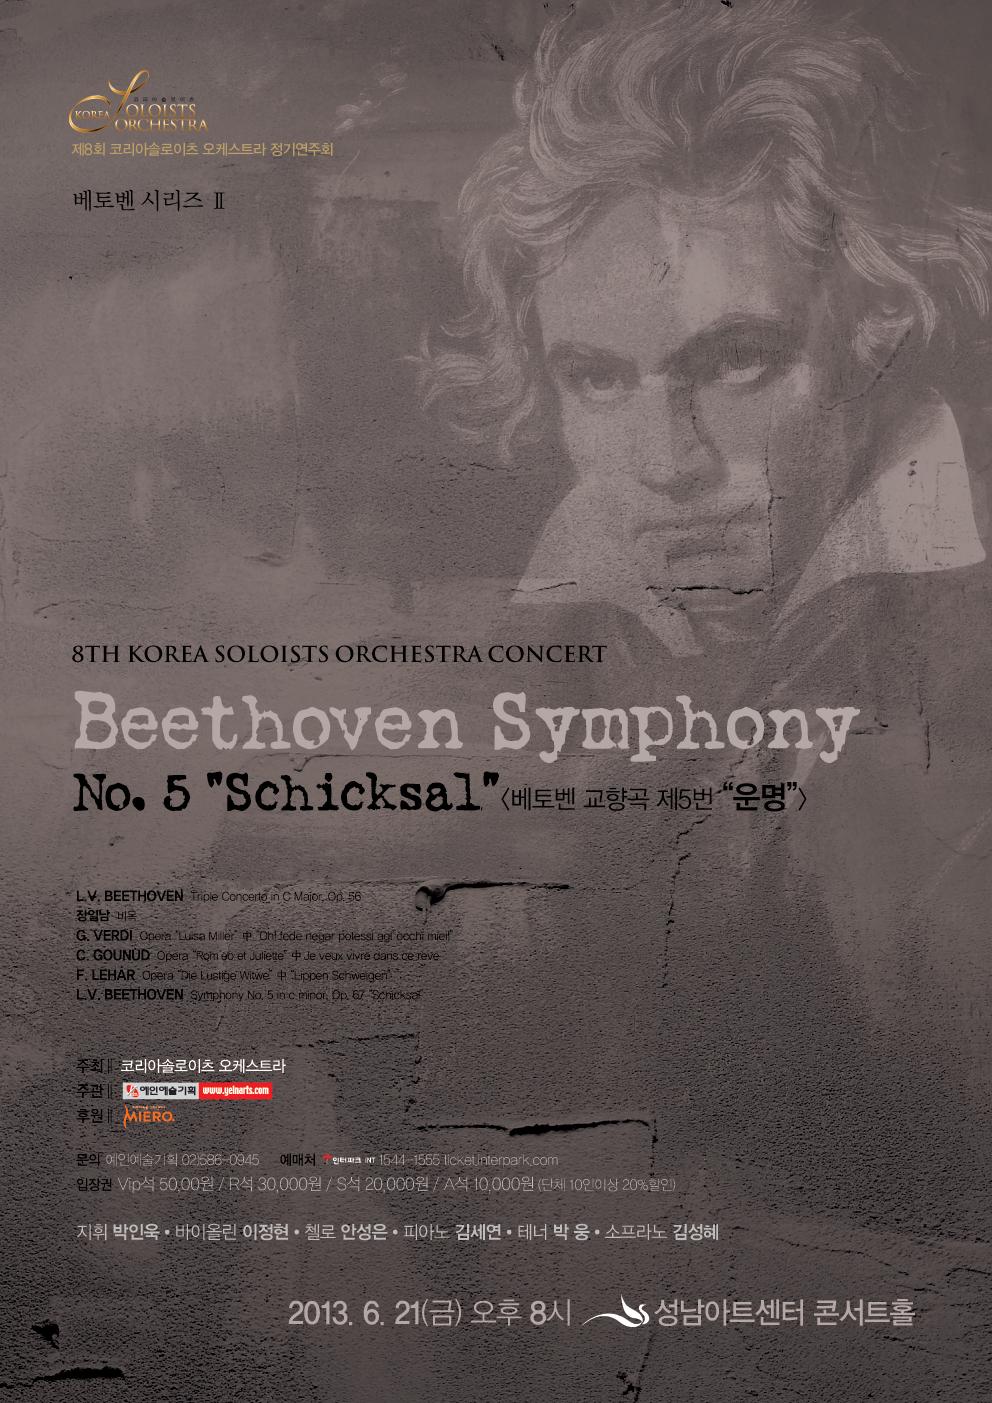 제8회 코리아 솔로이츠 오케스트라 정기연주회 베토벤 교향곡 5번 운명